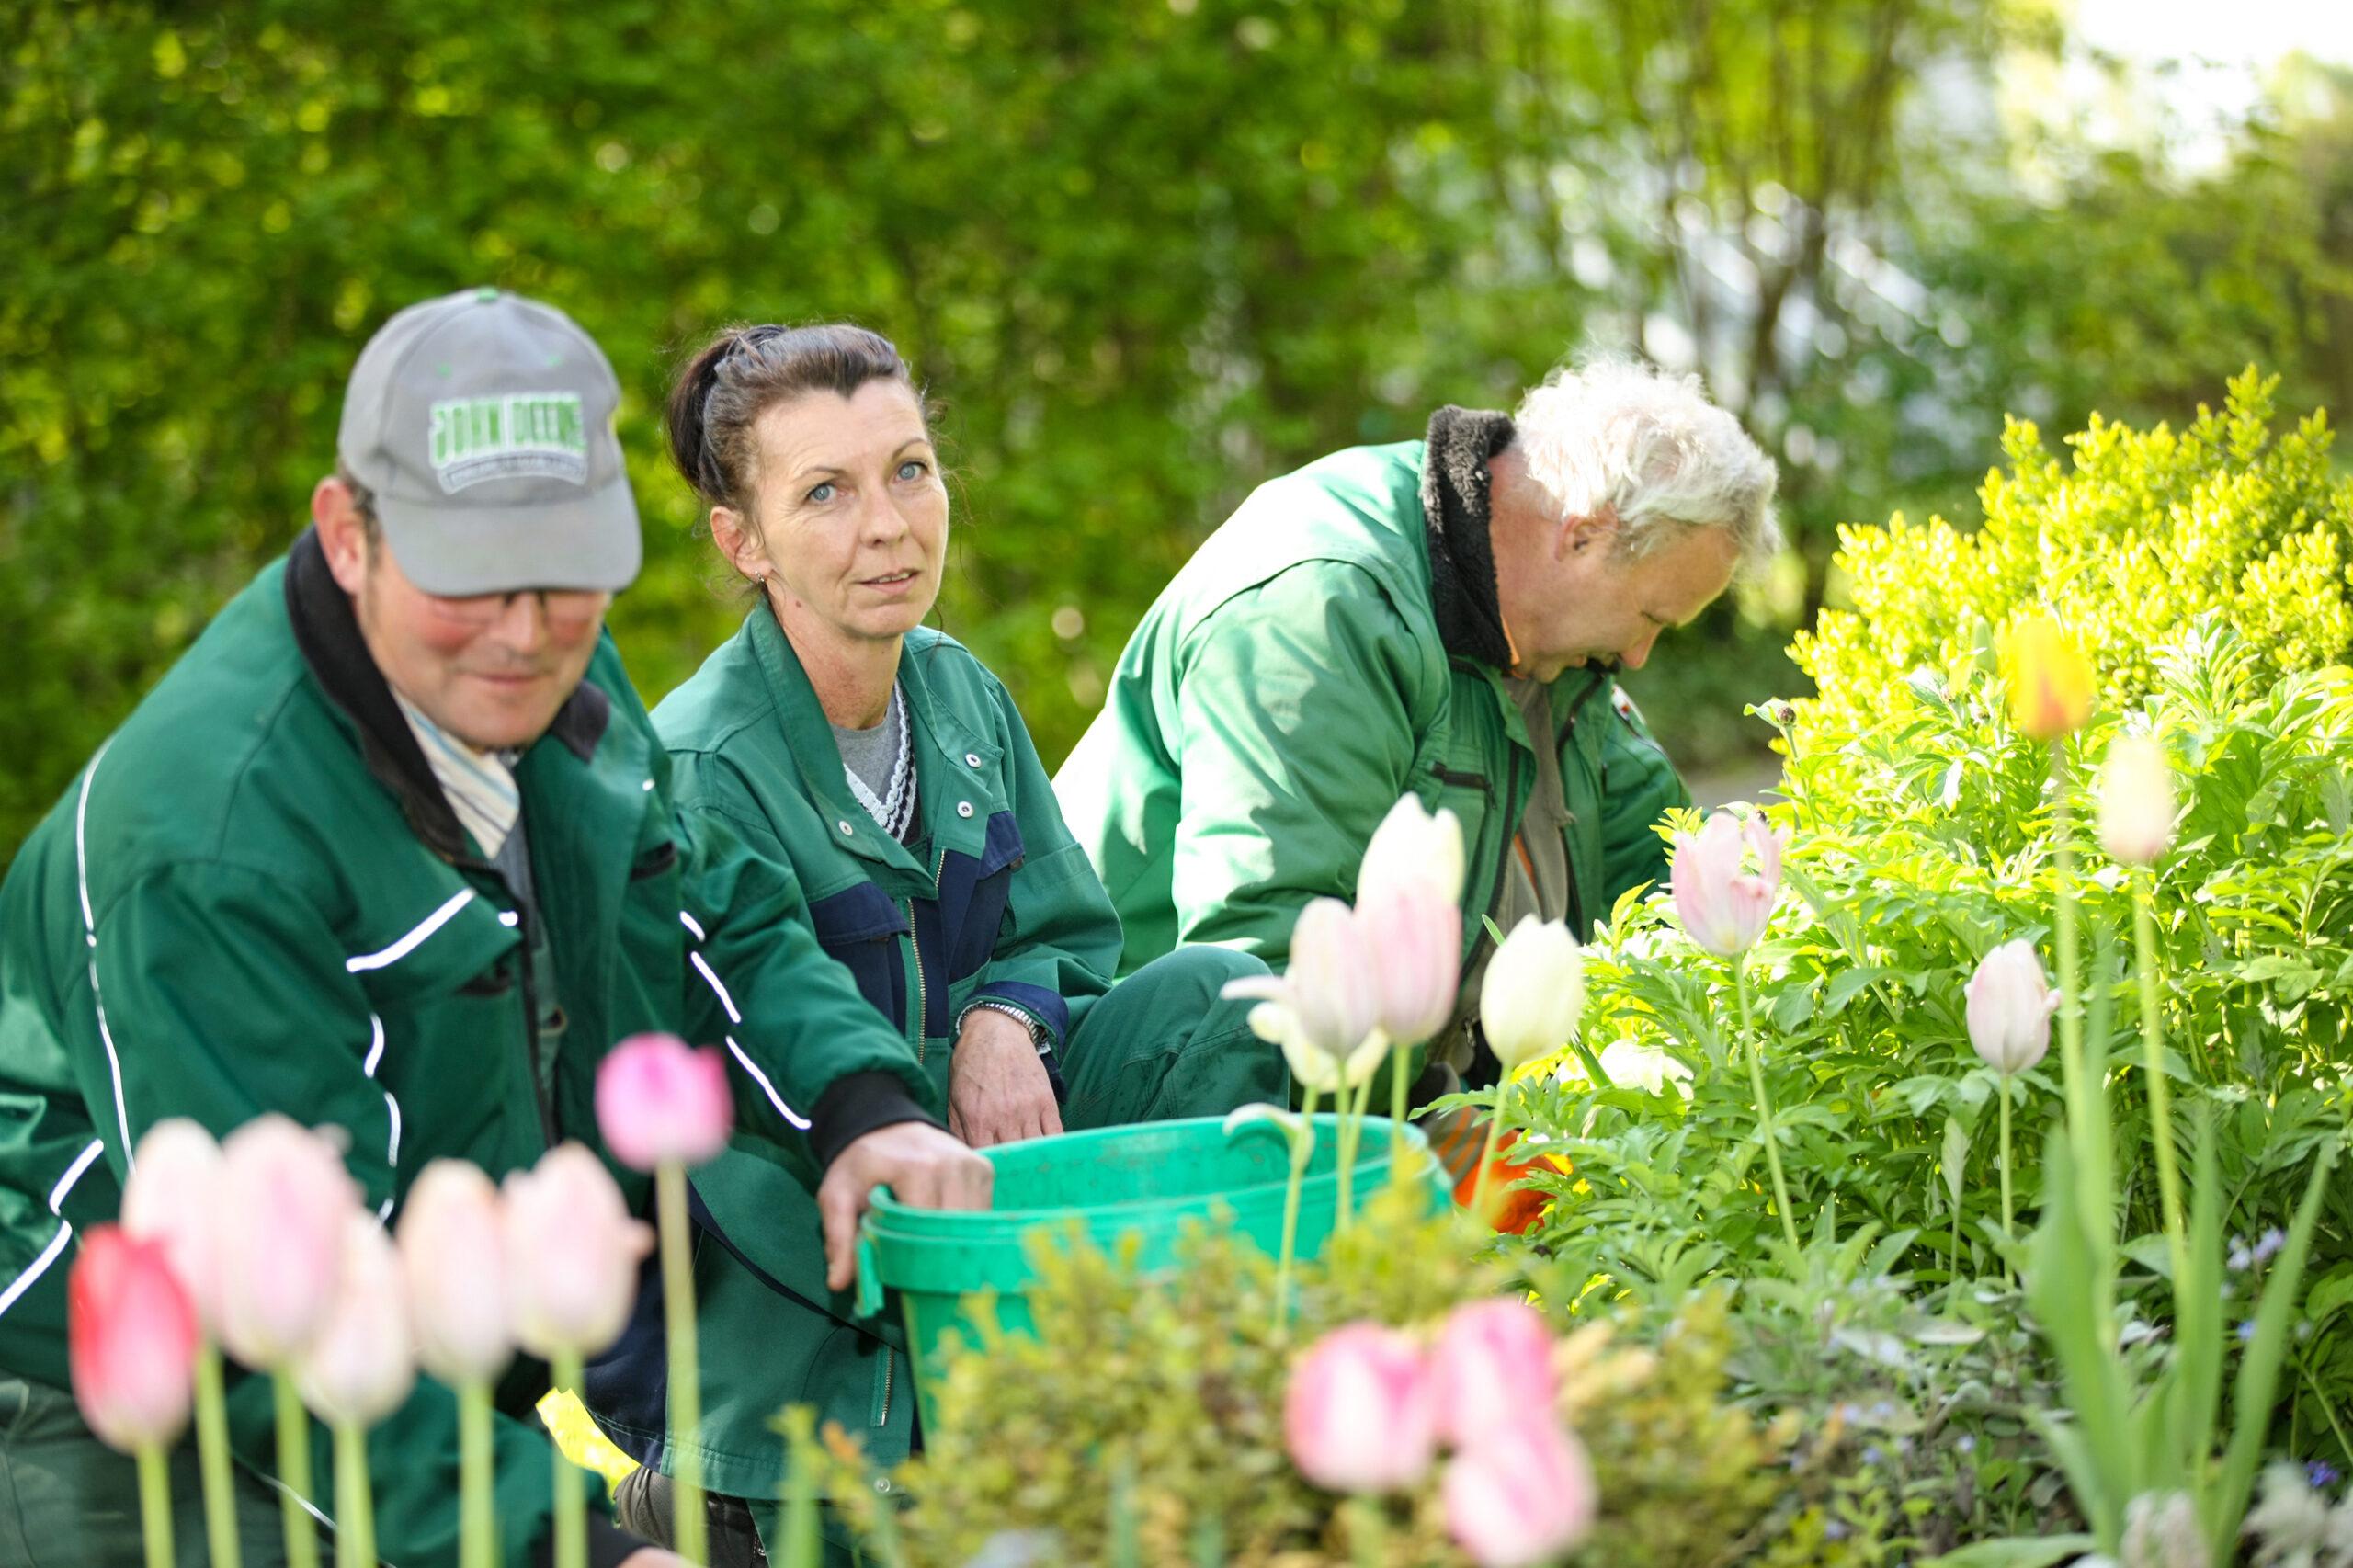 Drei Gärtner im Grünen